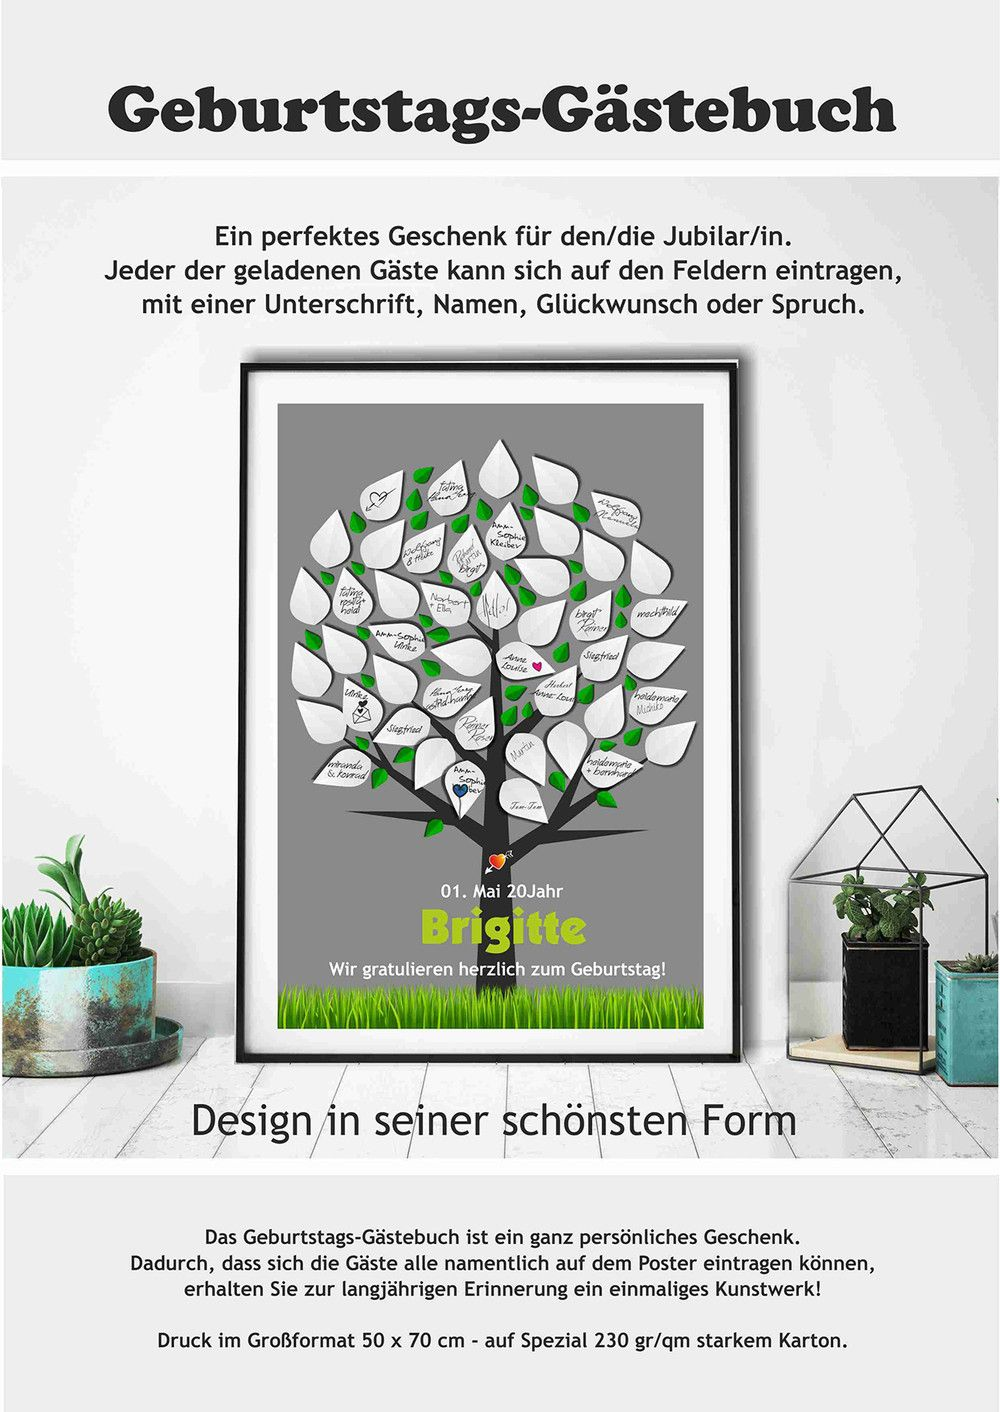 Erfreut Rahmen Für 13x19 Druck Bilder - Benutzerdefinierte ...